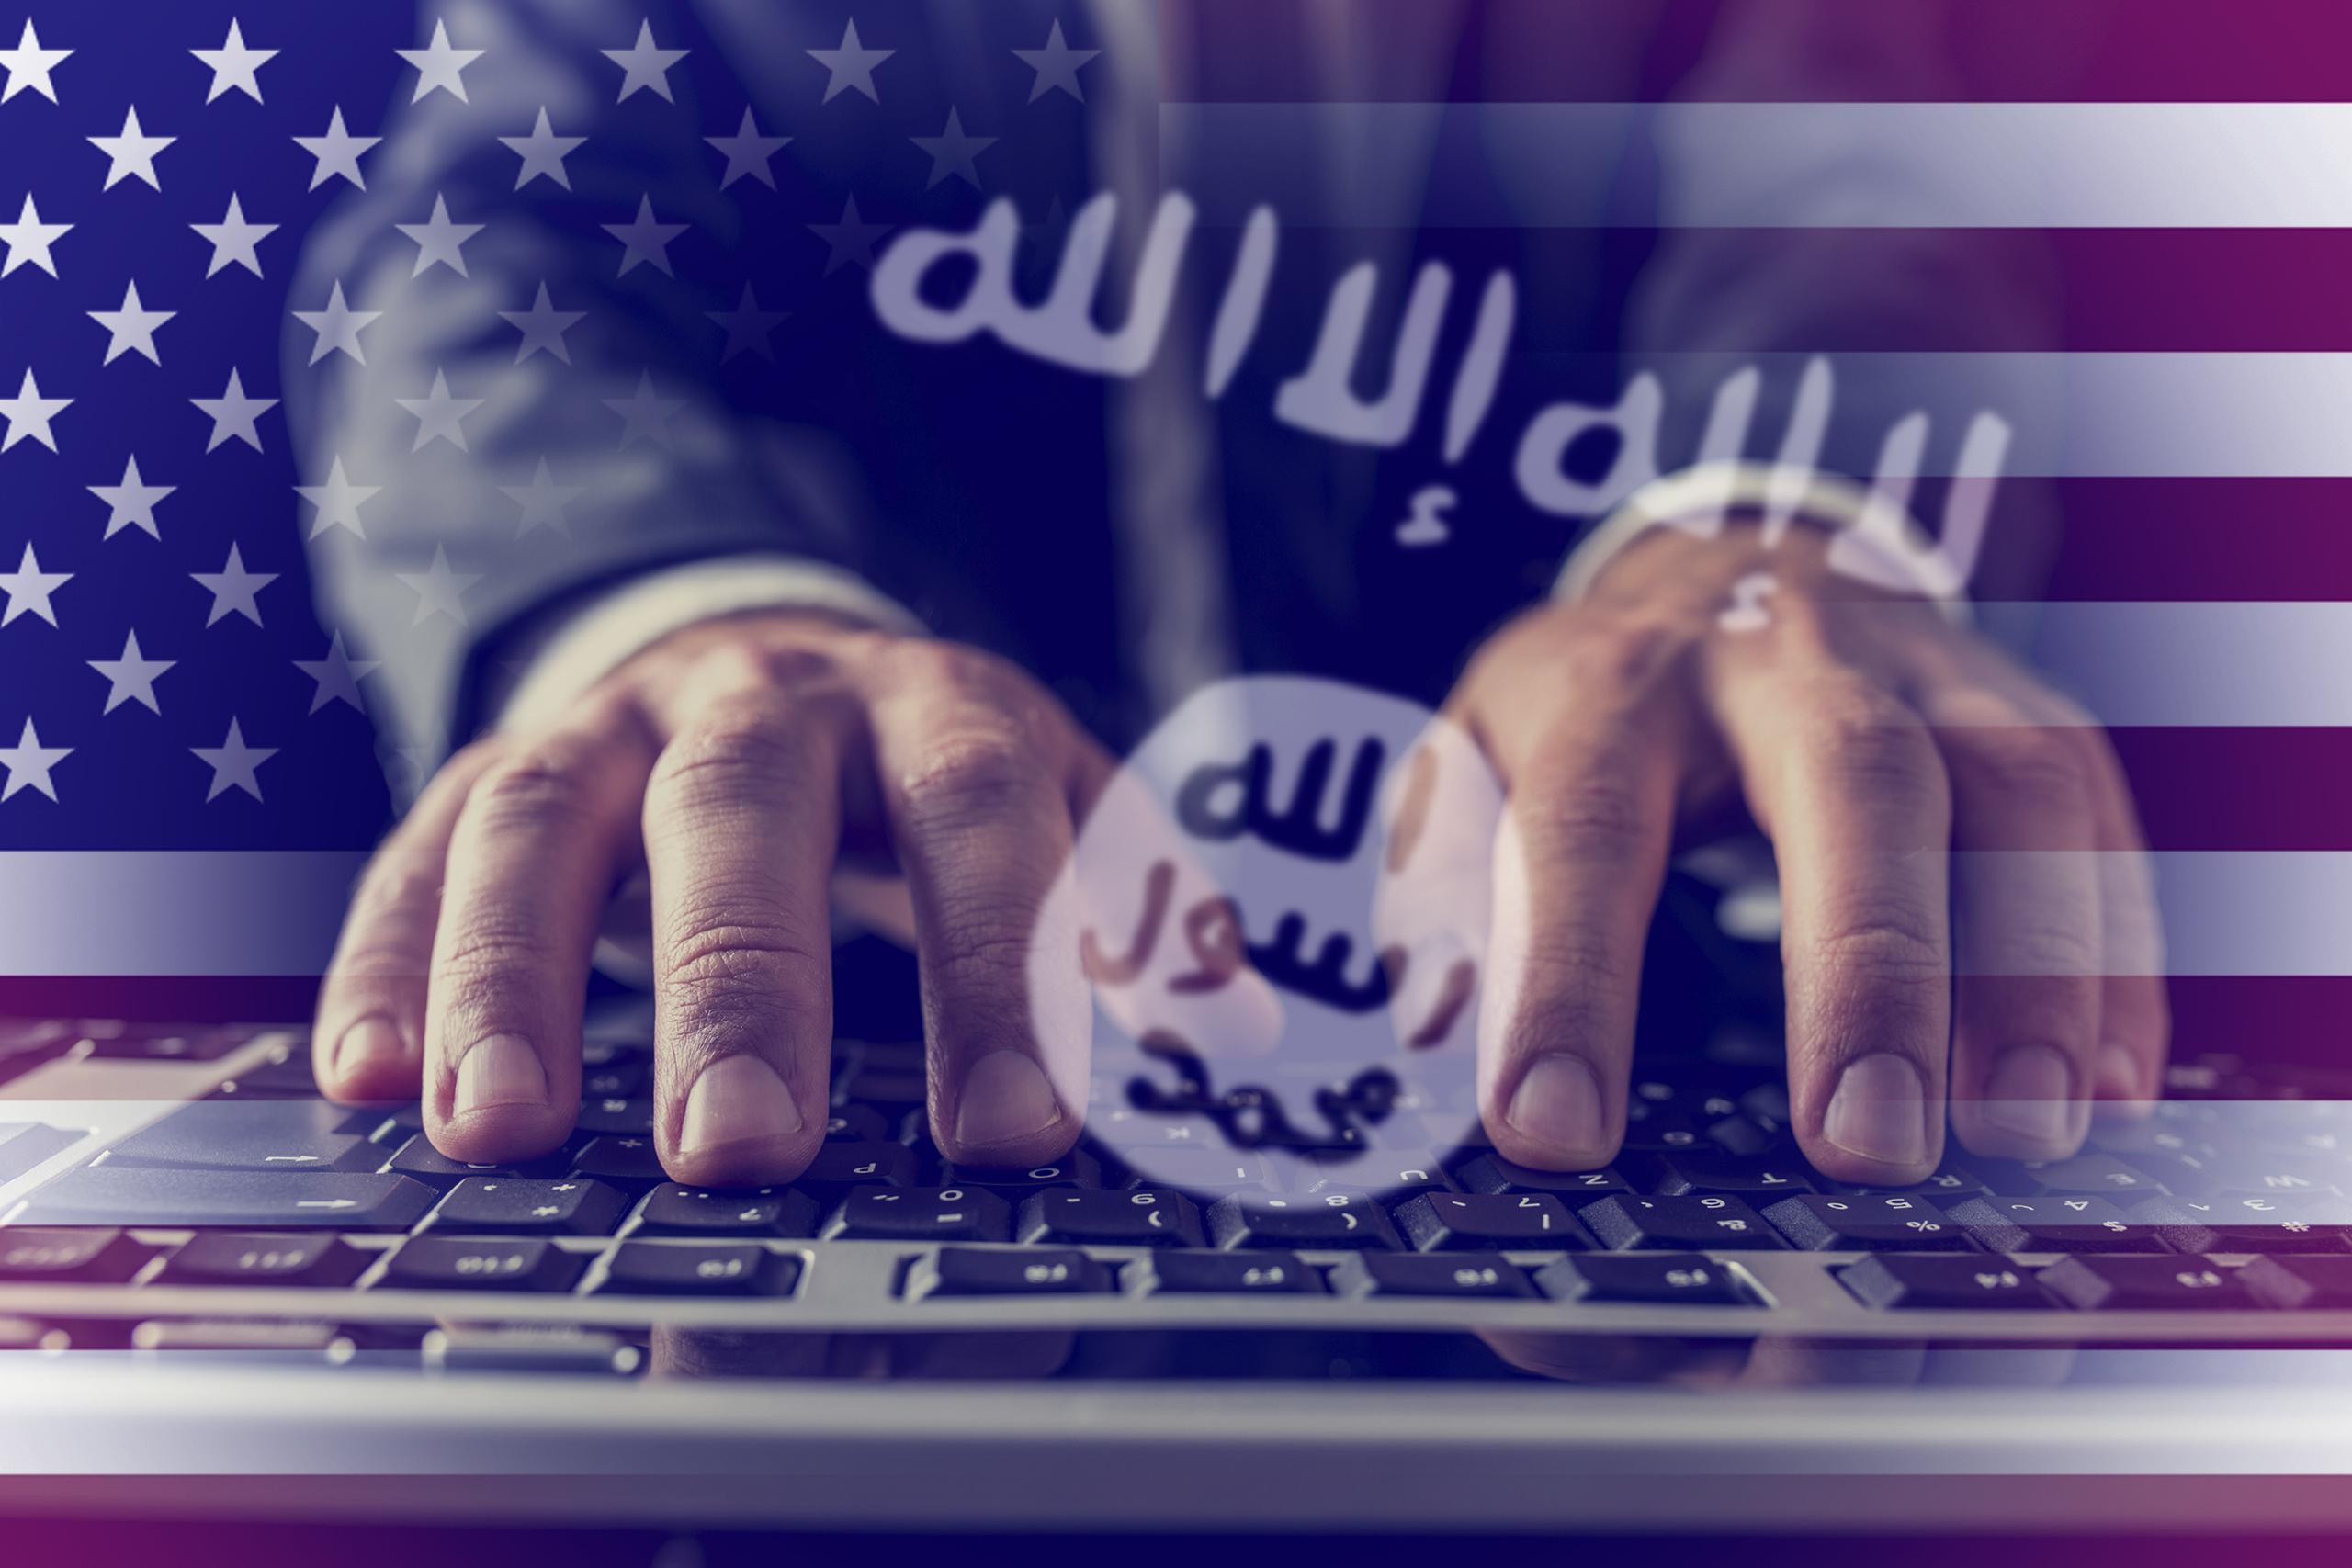 Хакеры Исламского государства добрались до айтов американских губернаторов. Фото: thedailybeast.com